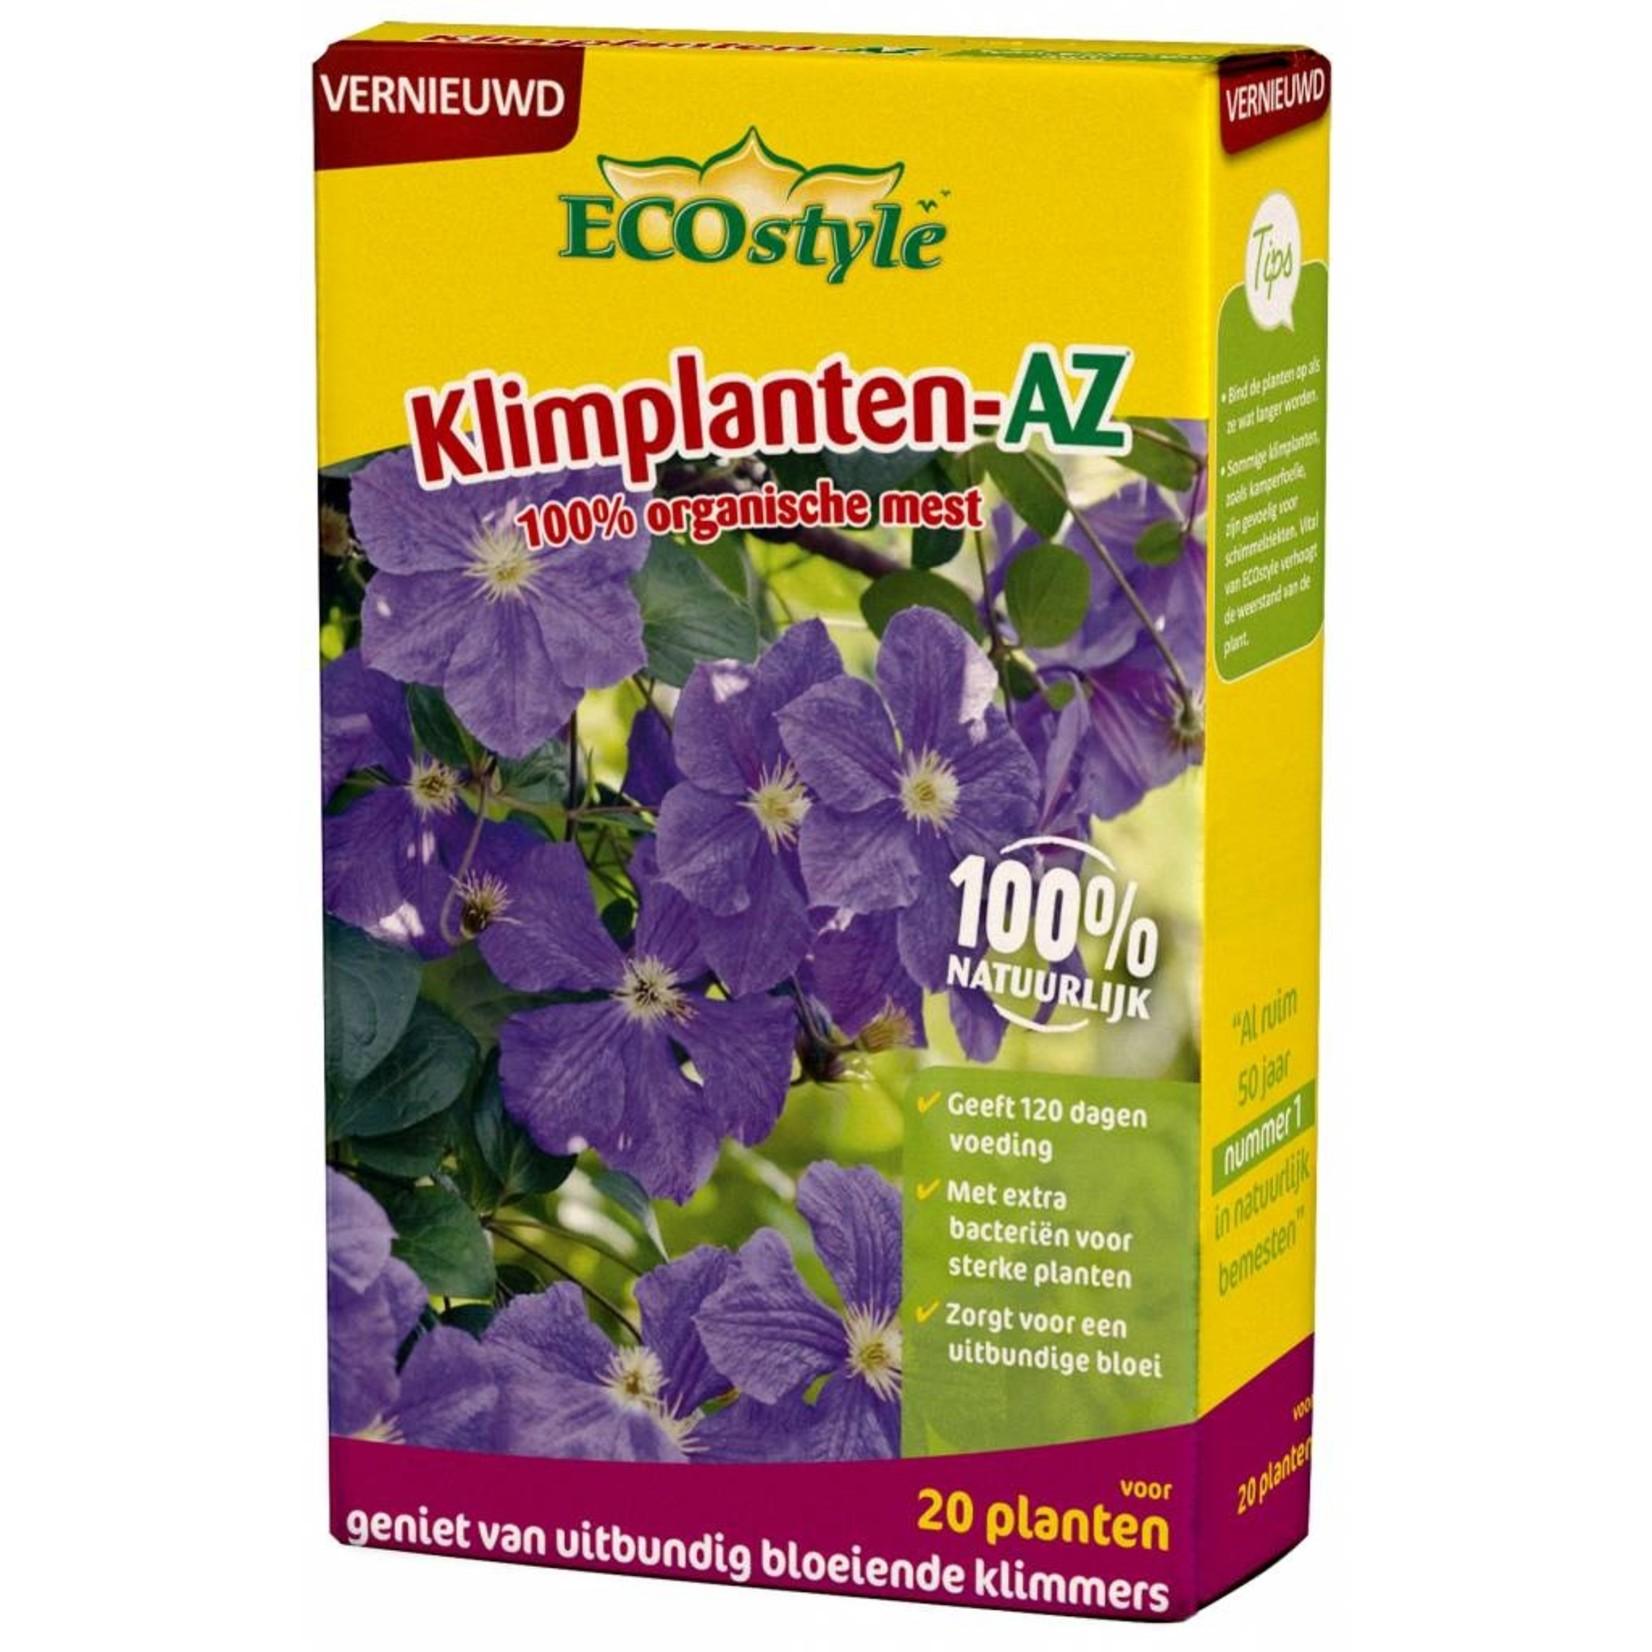 Ecostyle Klimplanten-AZ meststof 800 gram (voor ca. 20 planten)